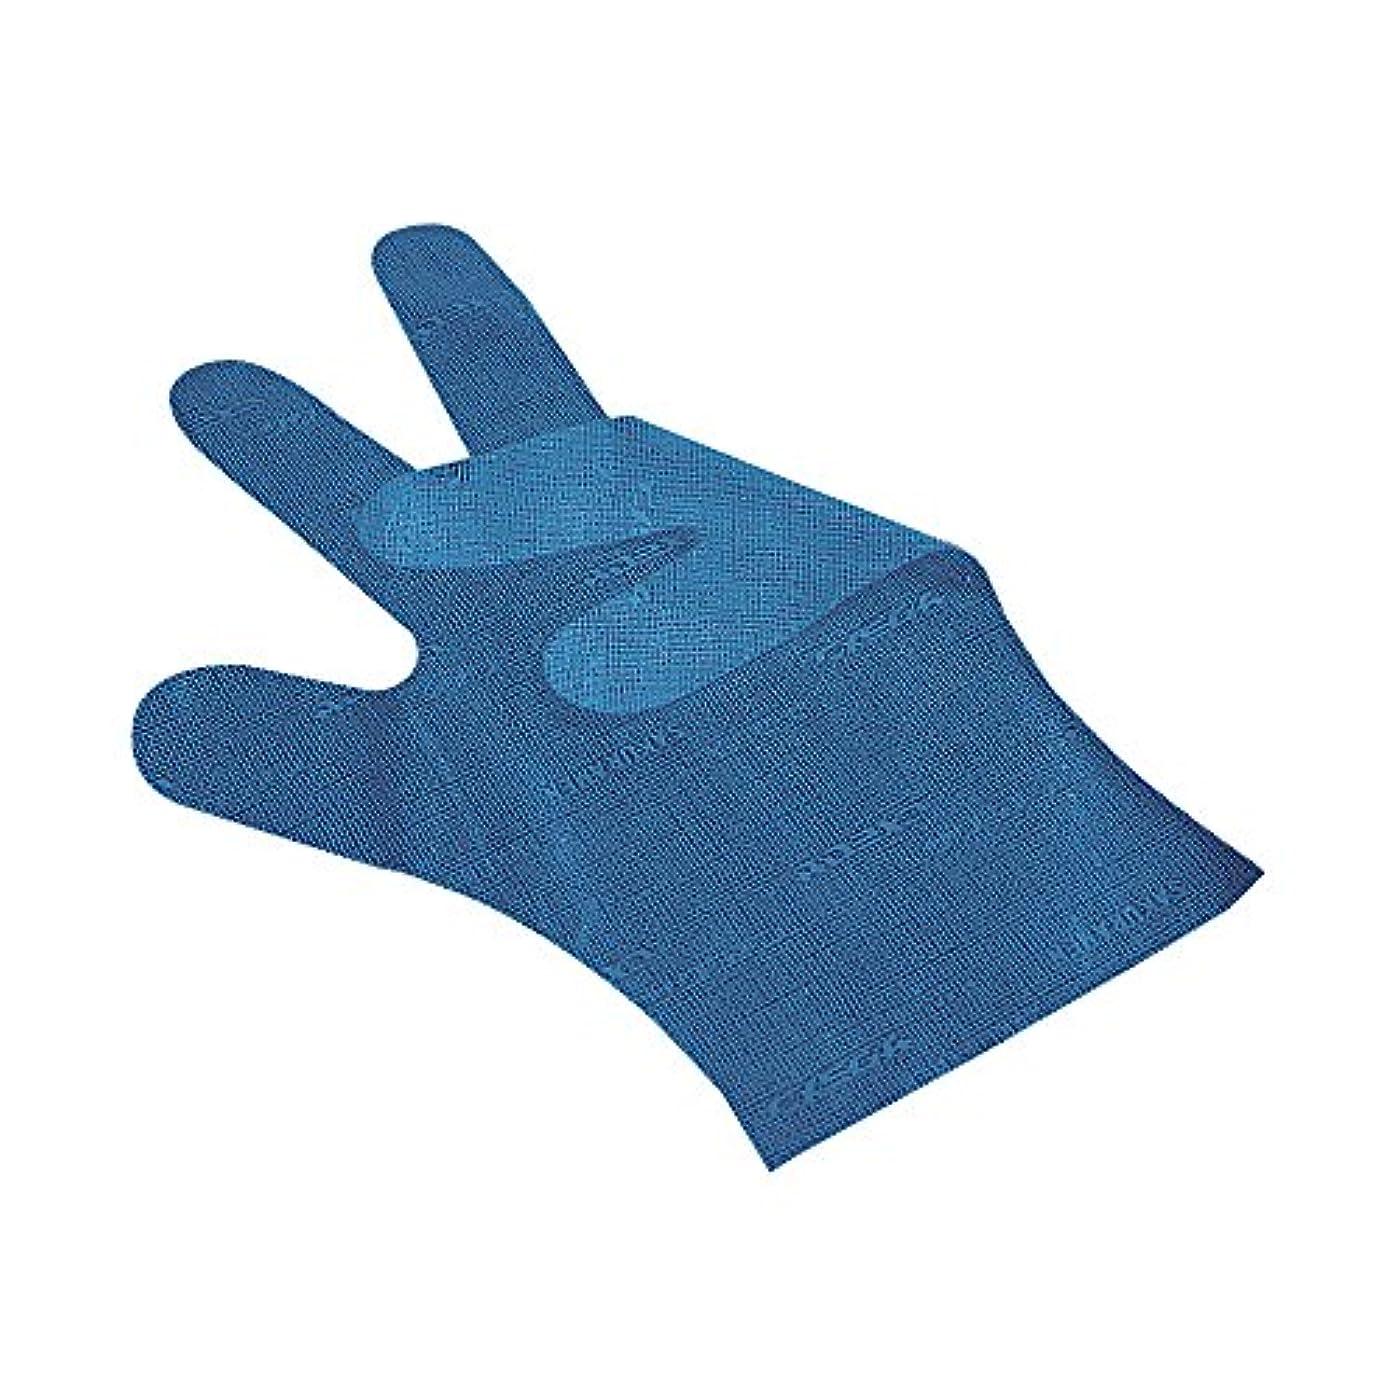 承認する覆す金銭的サクラメンエンボス手袋 デラックス ブルー S 100枚入